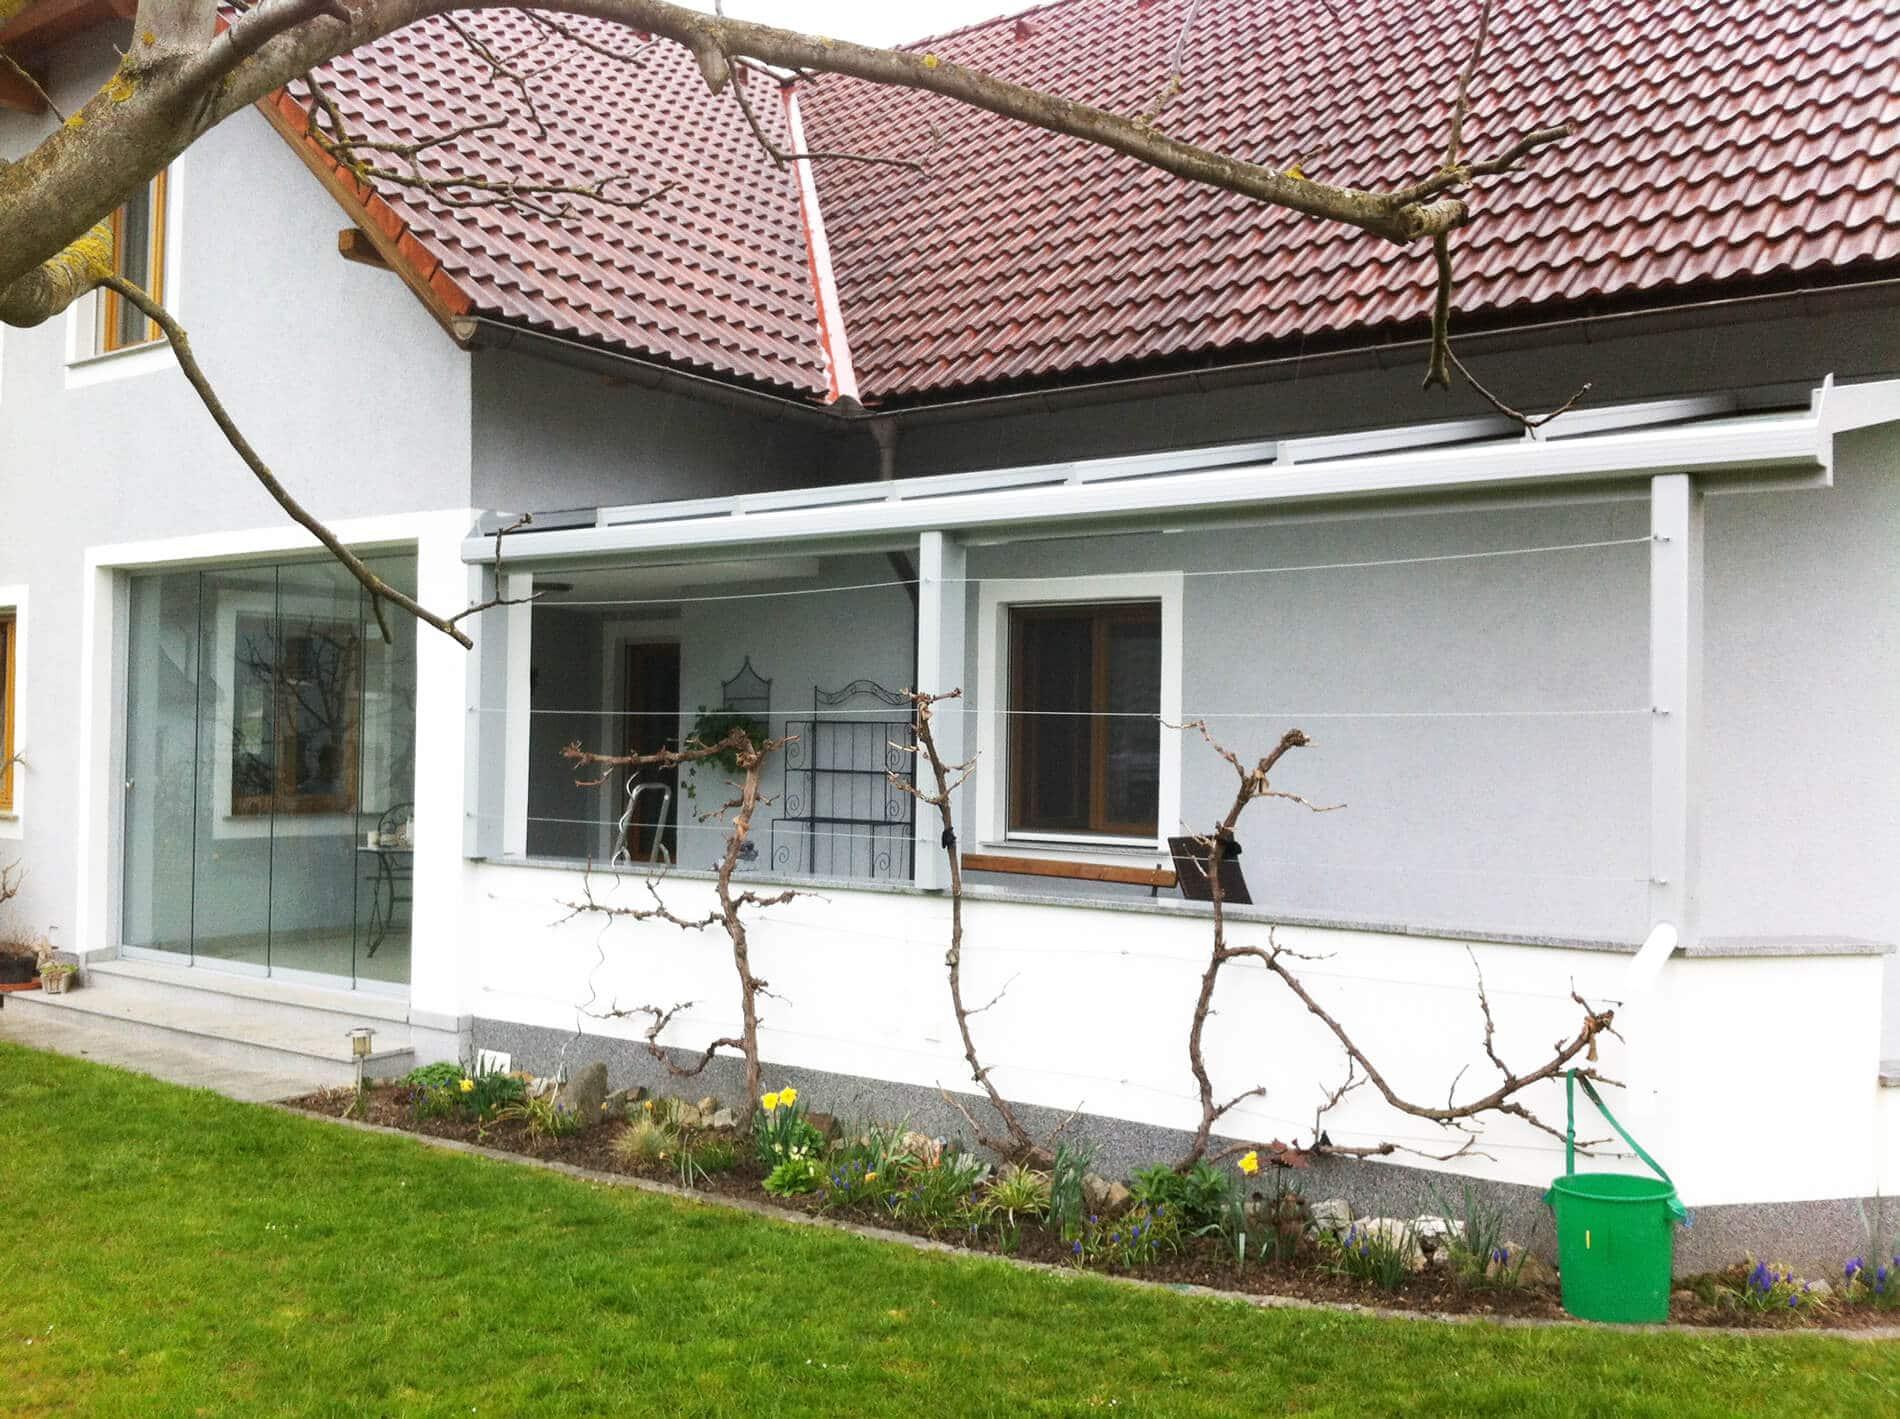 Überdachung mit Windschutz aus Glas